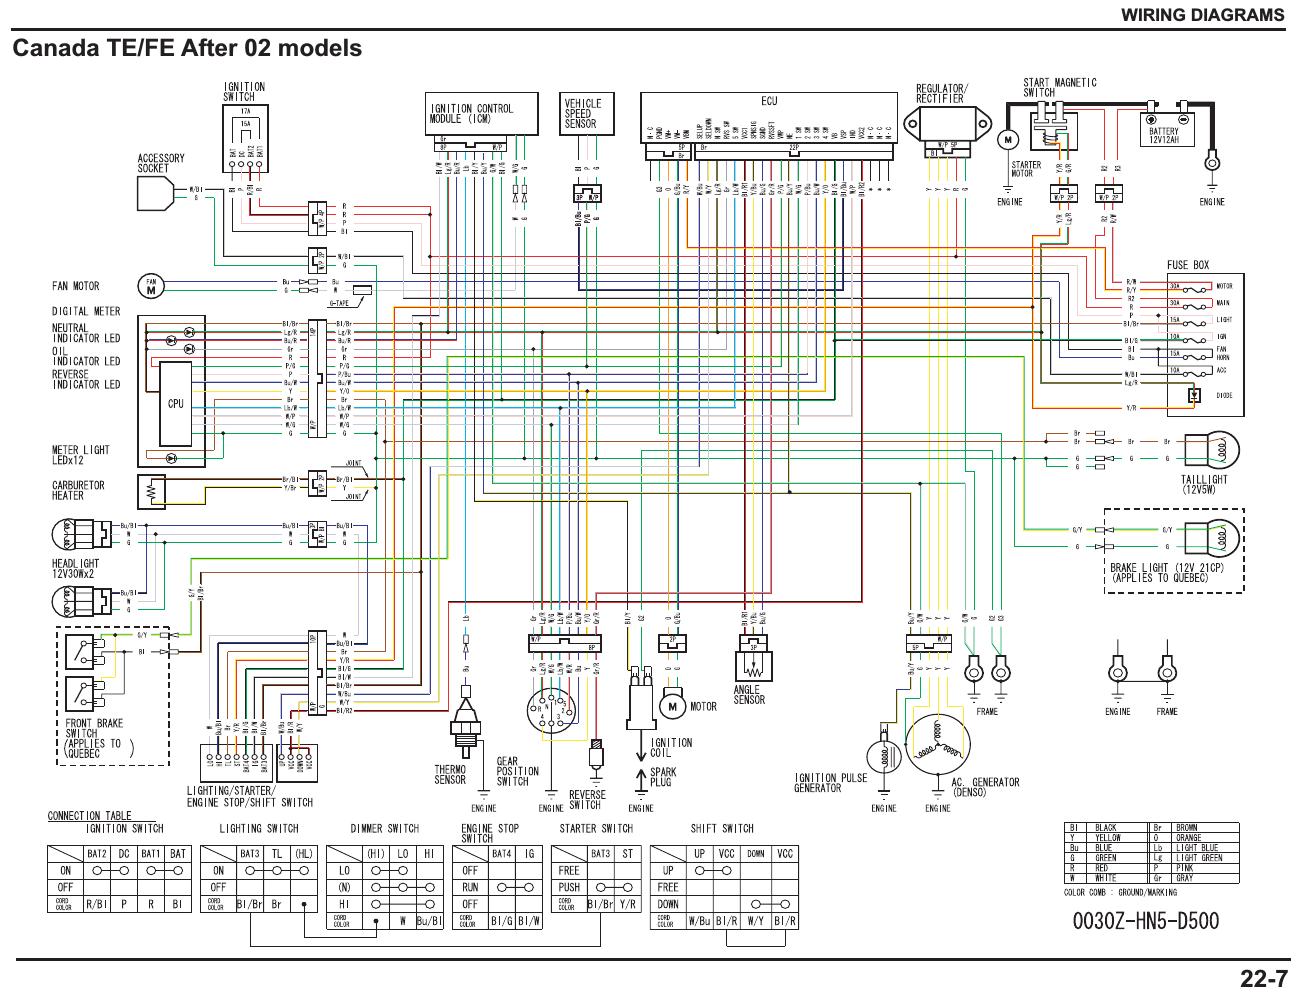 rancher es wiring diagram - general house wiring diagram for wiring diagram  schematics  wiring diagram schematics